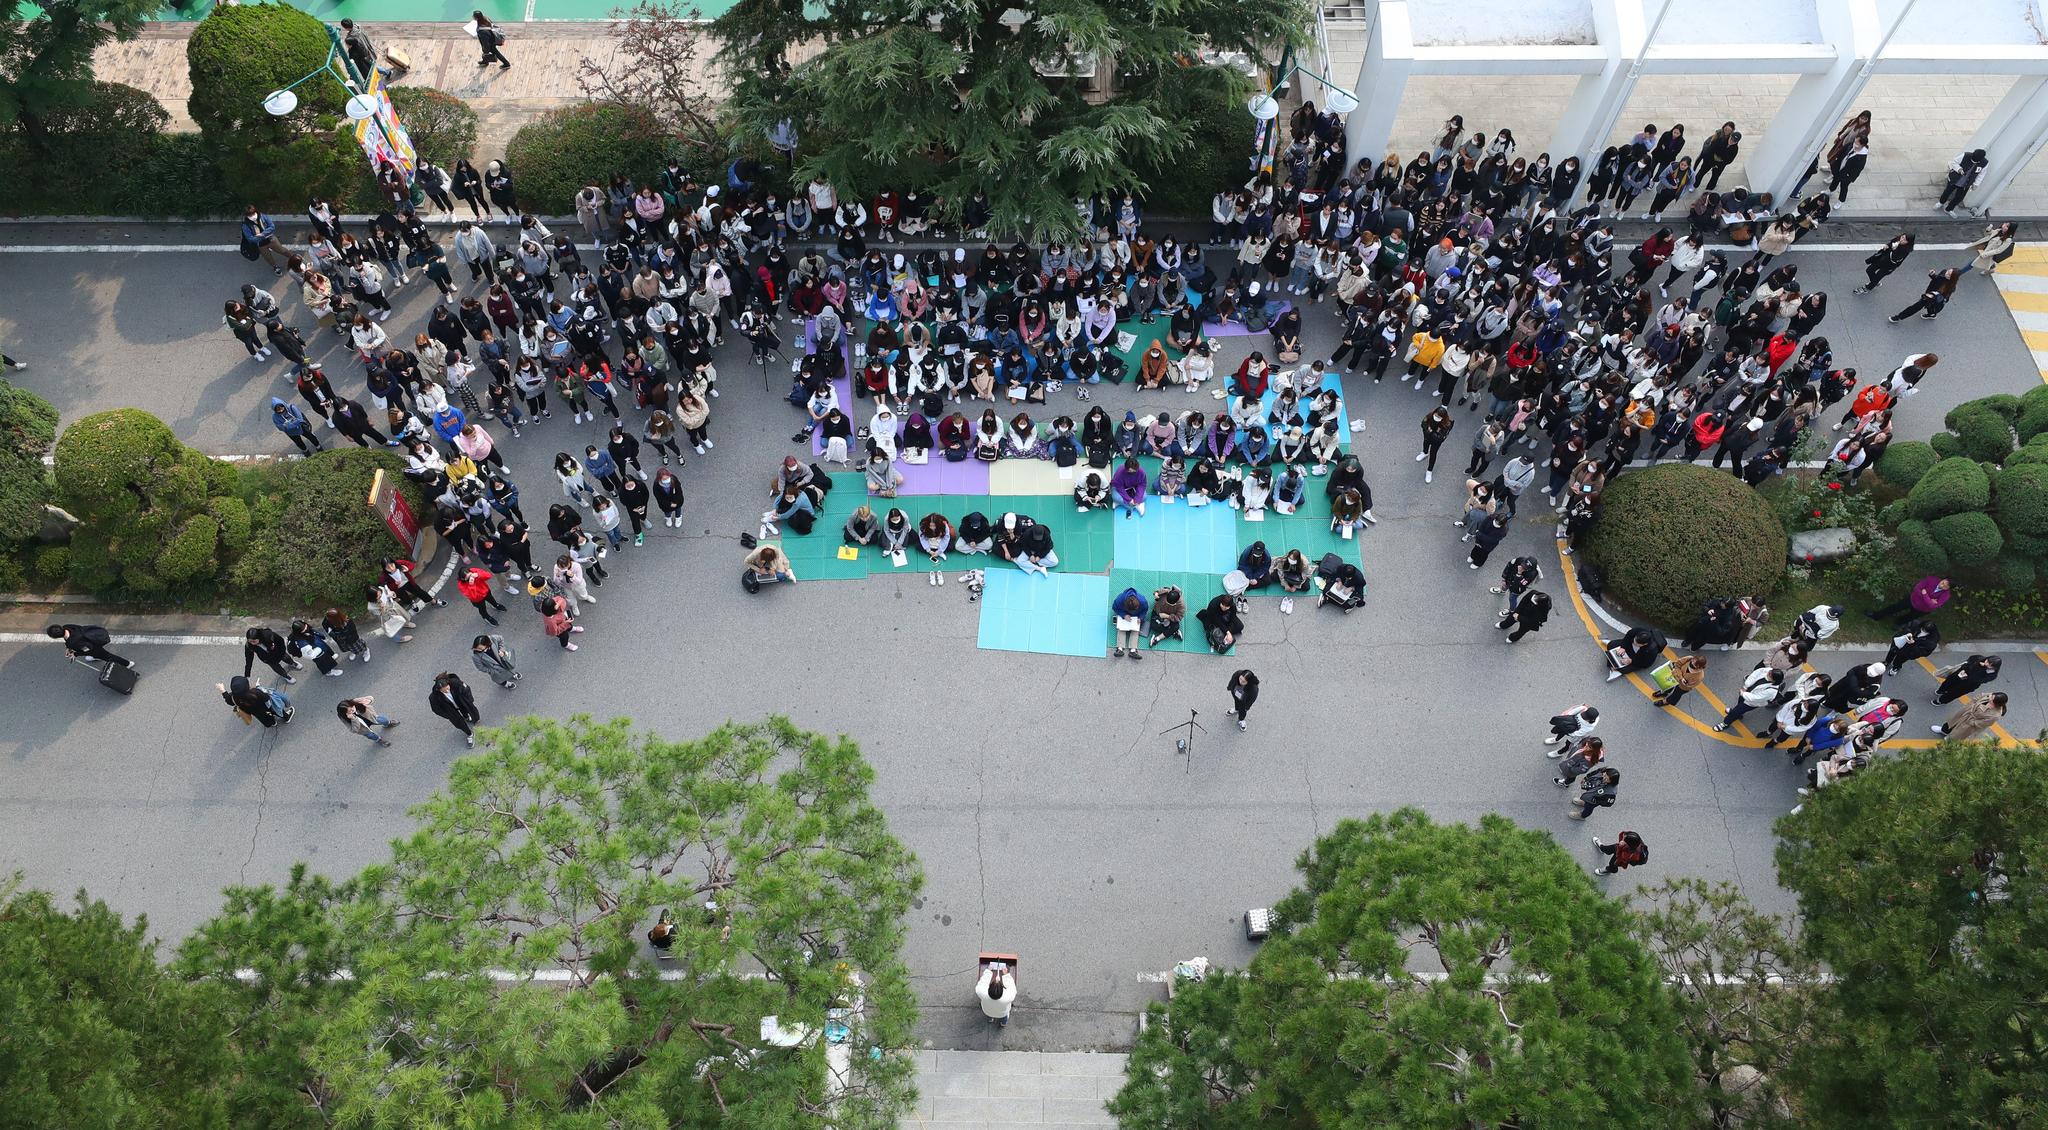 지난 15일 오후 서울 성북구 동덕여대 본관 앞에서 학생들이 '안전한 동덕여대를 위한 민주동덕인 필리버스터'를 진행하고 있다.   [연합뉴스]